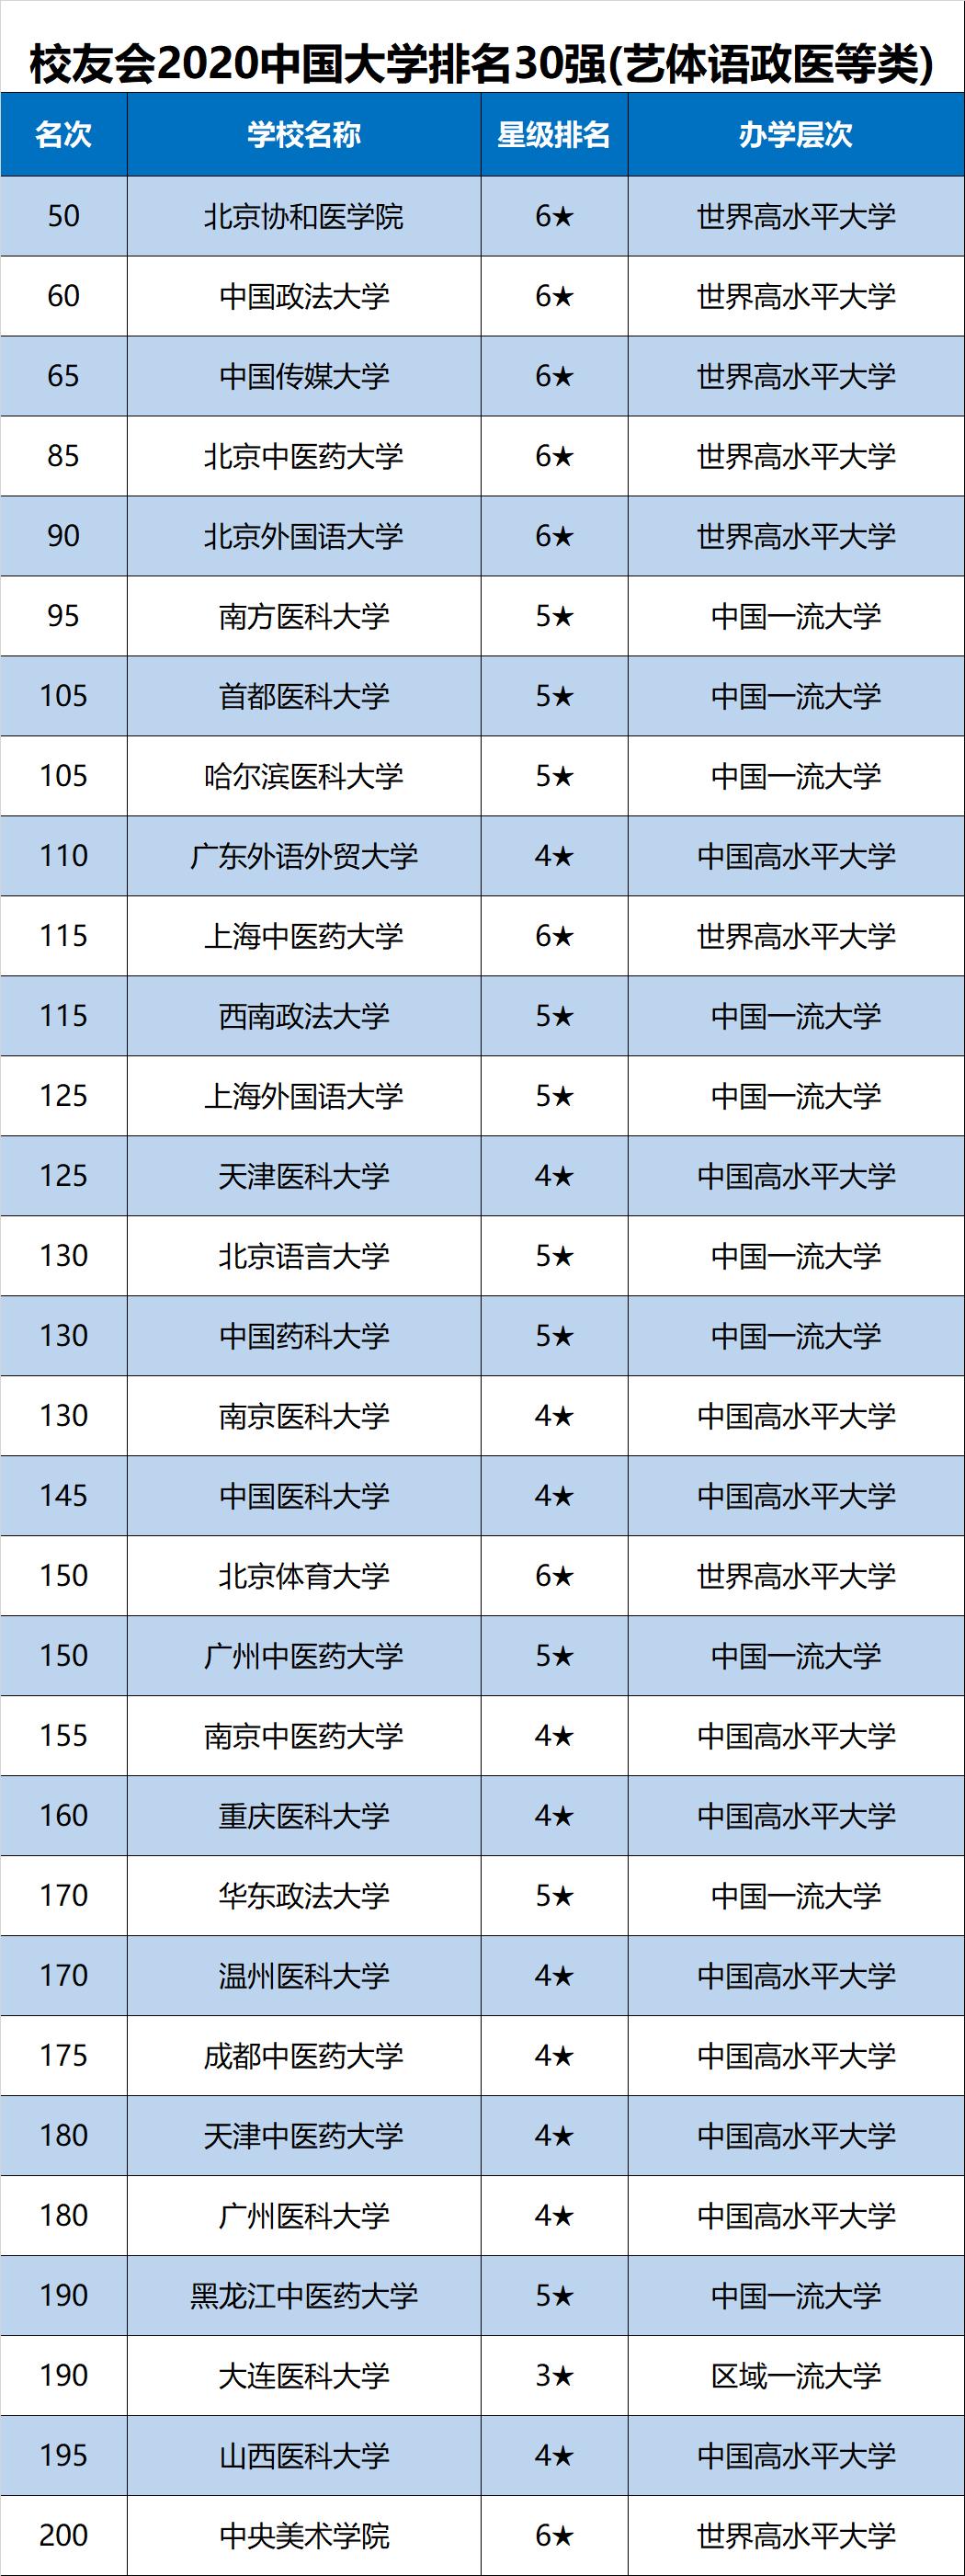 2020年校友会中国大学排名30强(艺体语政医等类)